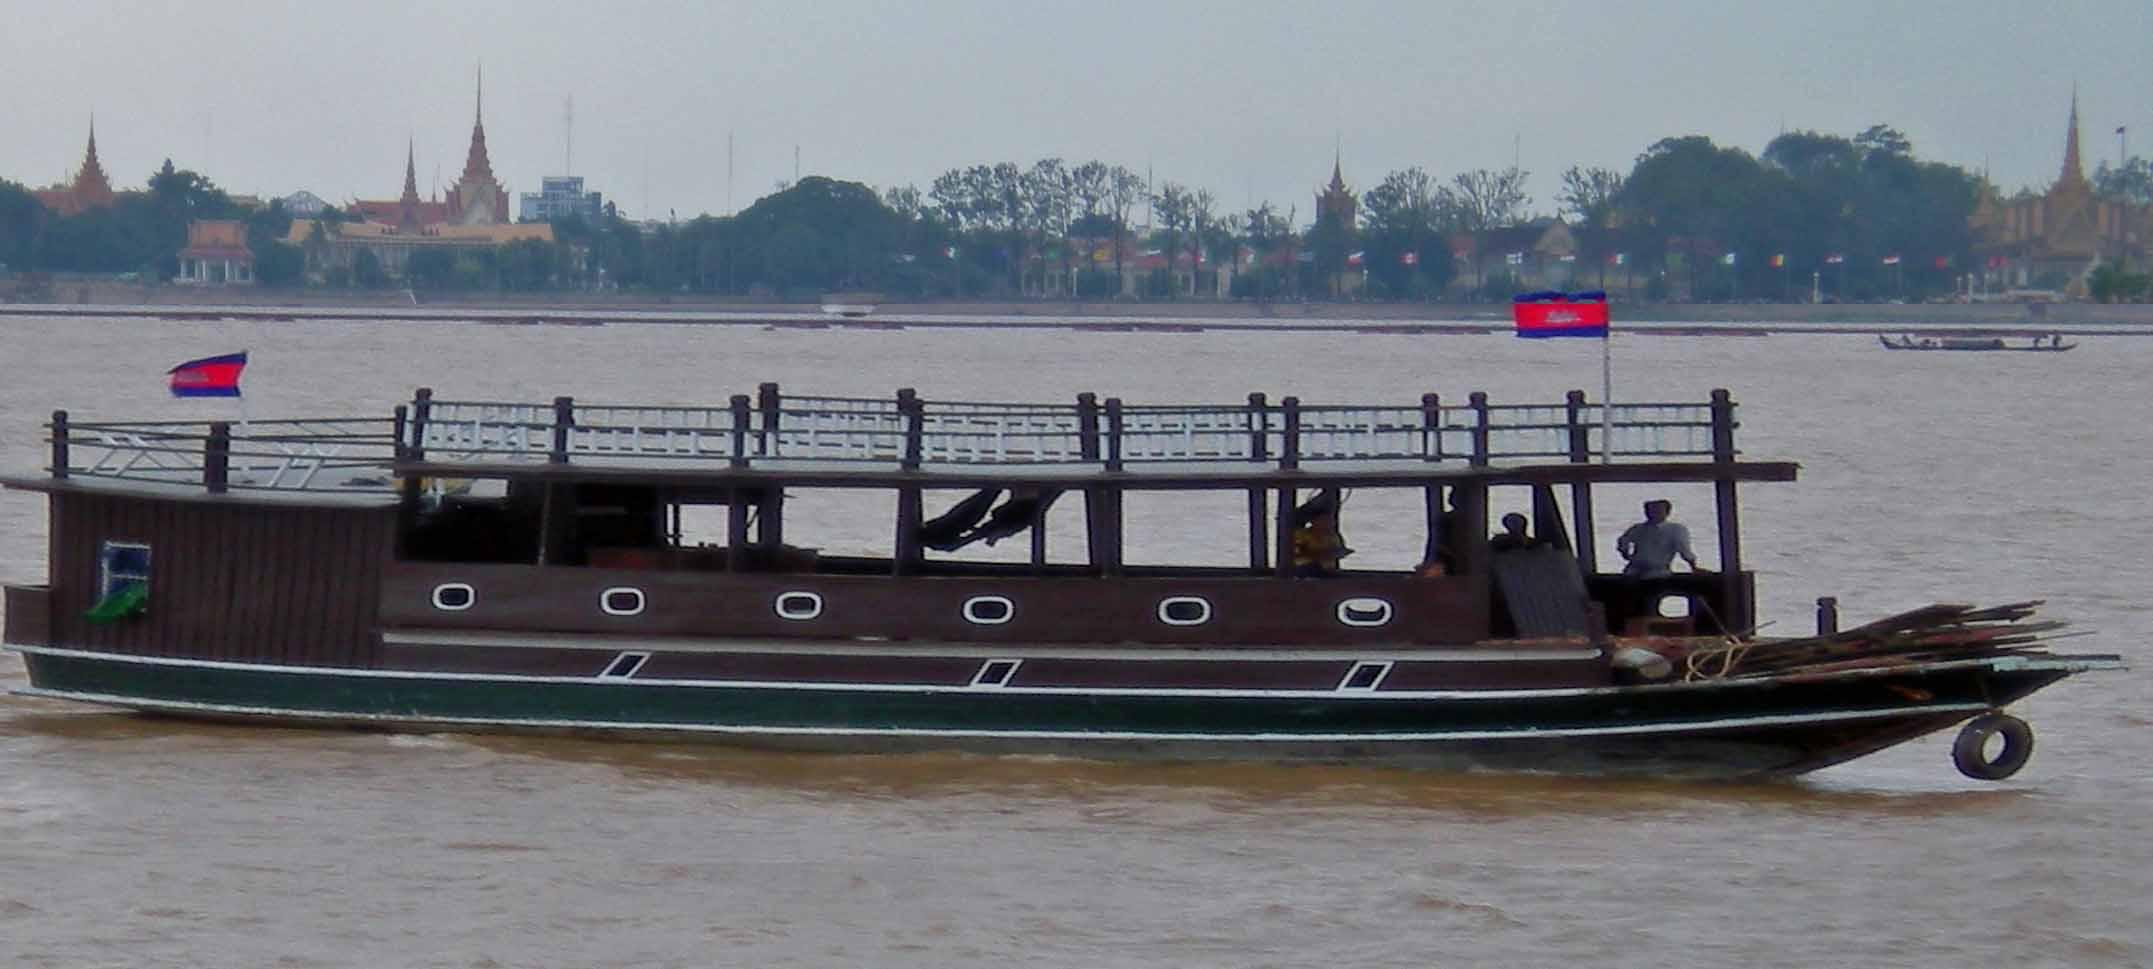 Phnom Penh River Boat